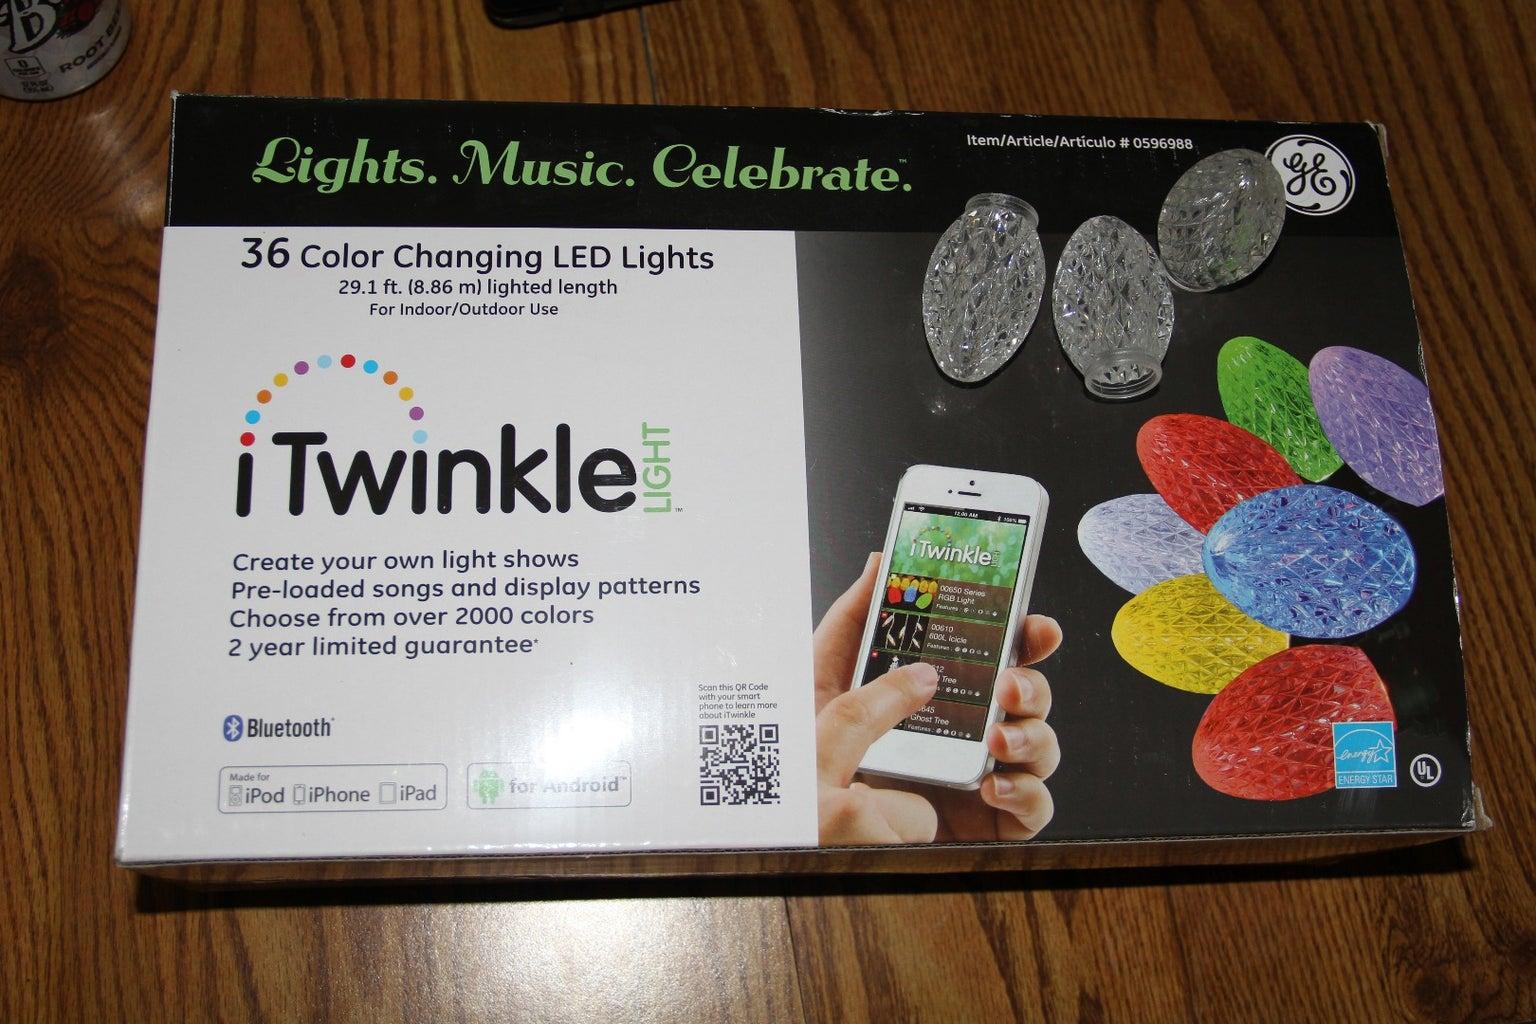 Choose Holiday Lights (GE Color Changing LED Lights)